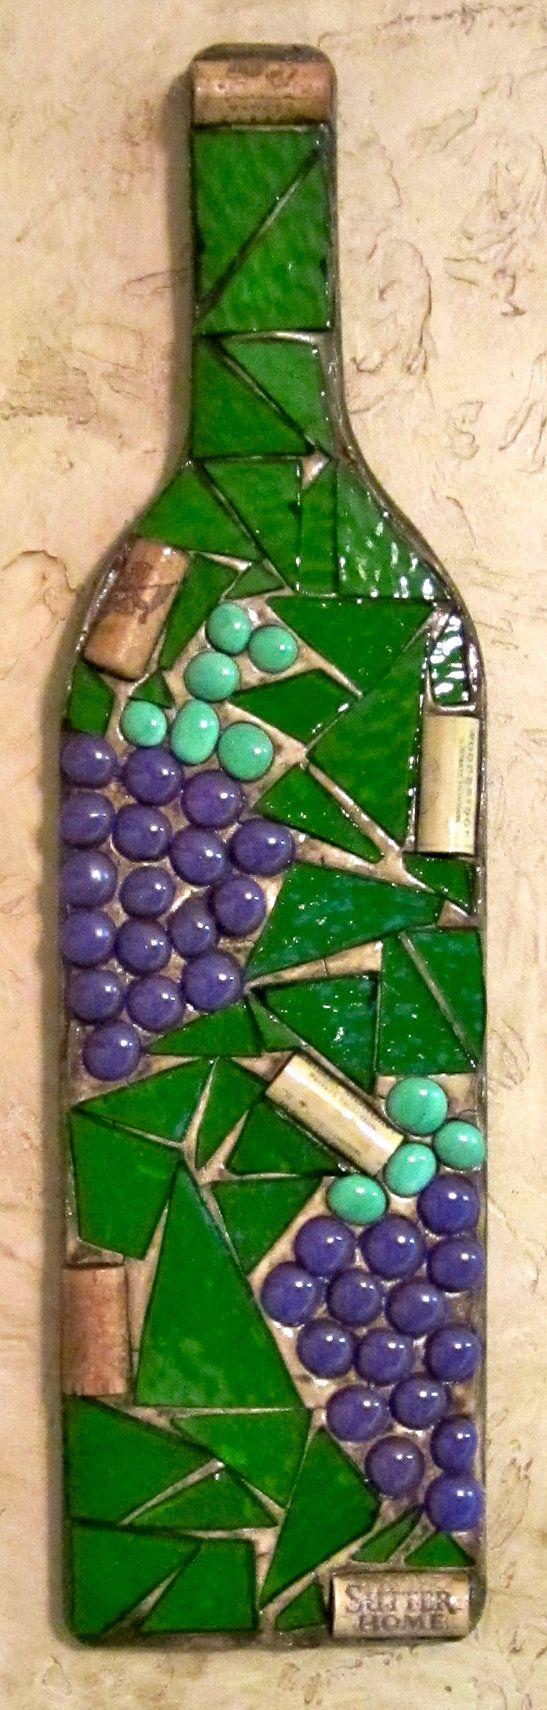 Mosaic Wine Bottle Wall Hangings por ShumpertCreations en Etsy